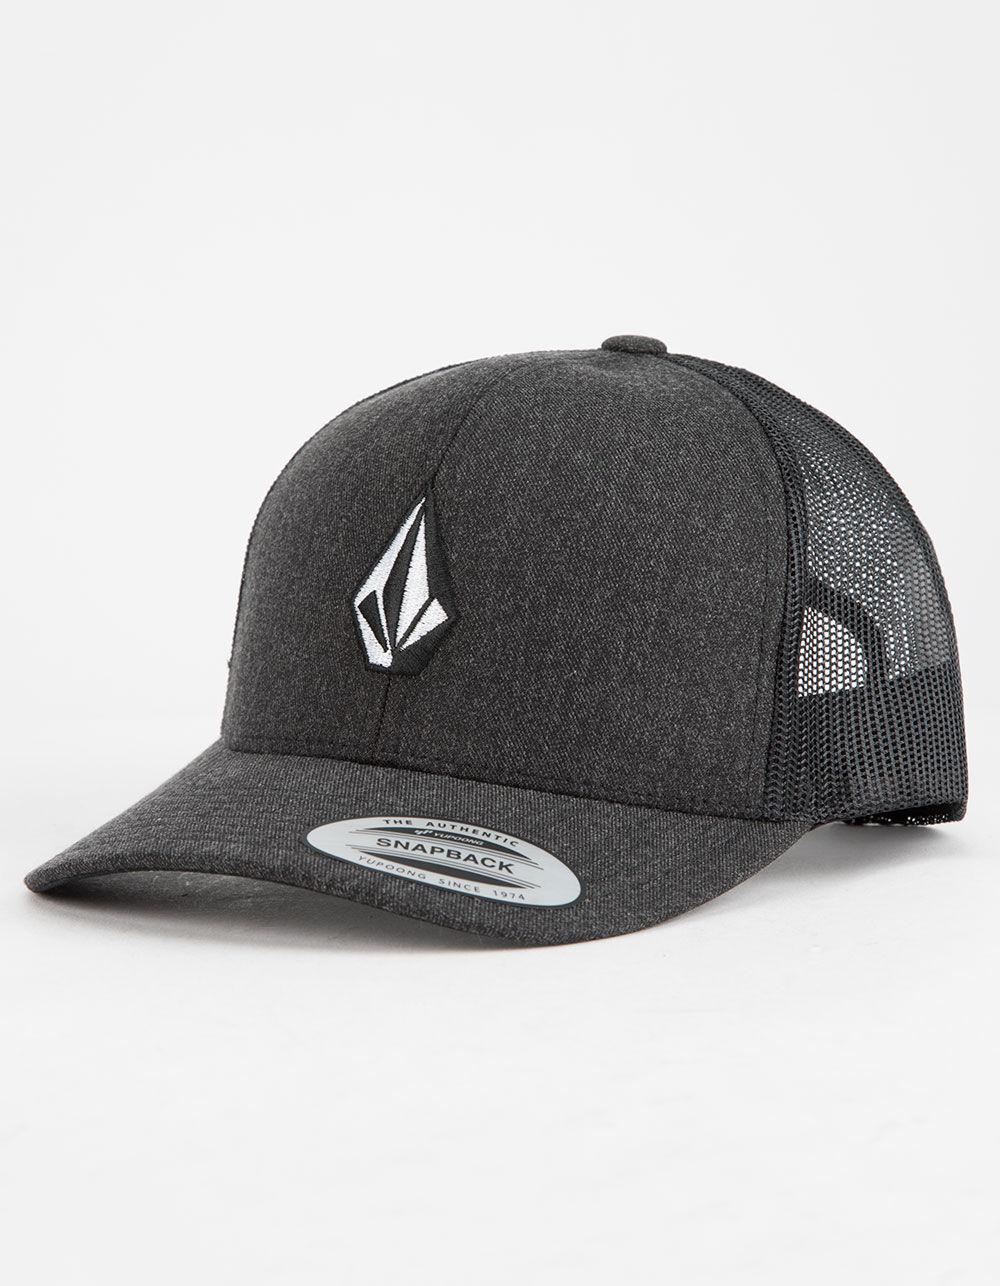 VOLCOM Full Stone Cheese Gray Trucker Hat